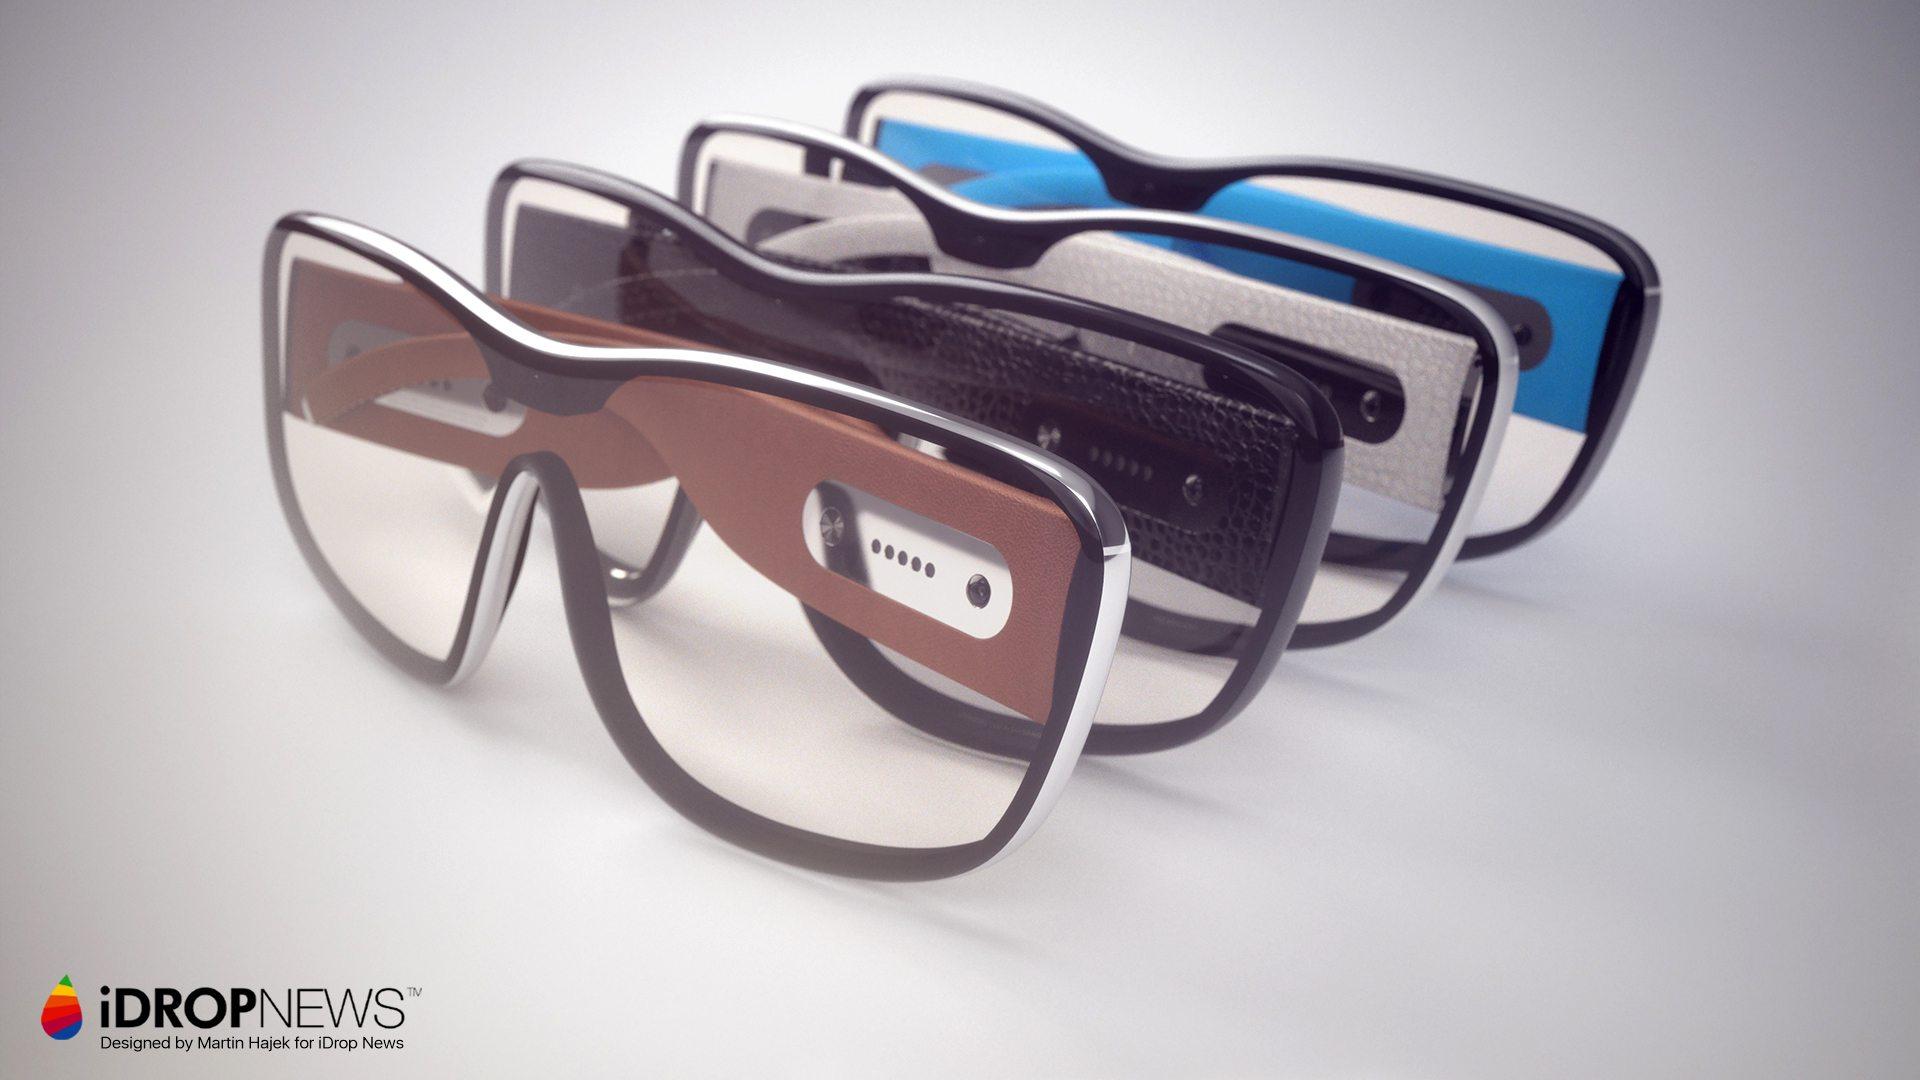 71b074331 صور.. كيف سيبدو تصميم نظارات أبل الذكية المقبلة؟ - منتدى فتكات